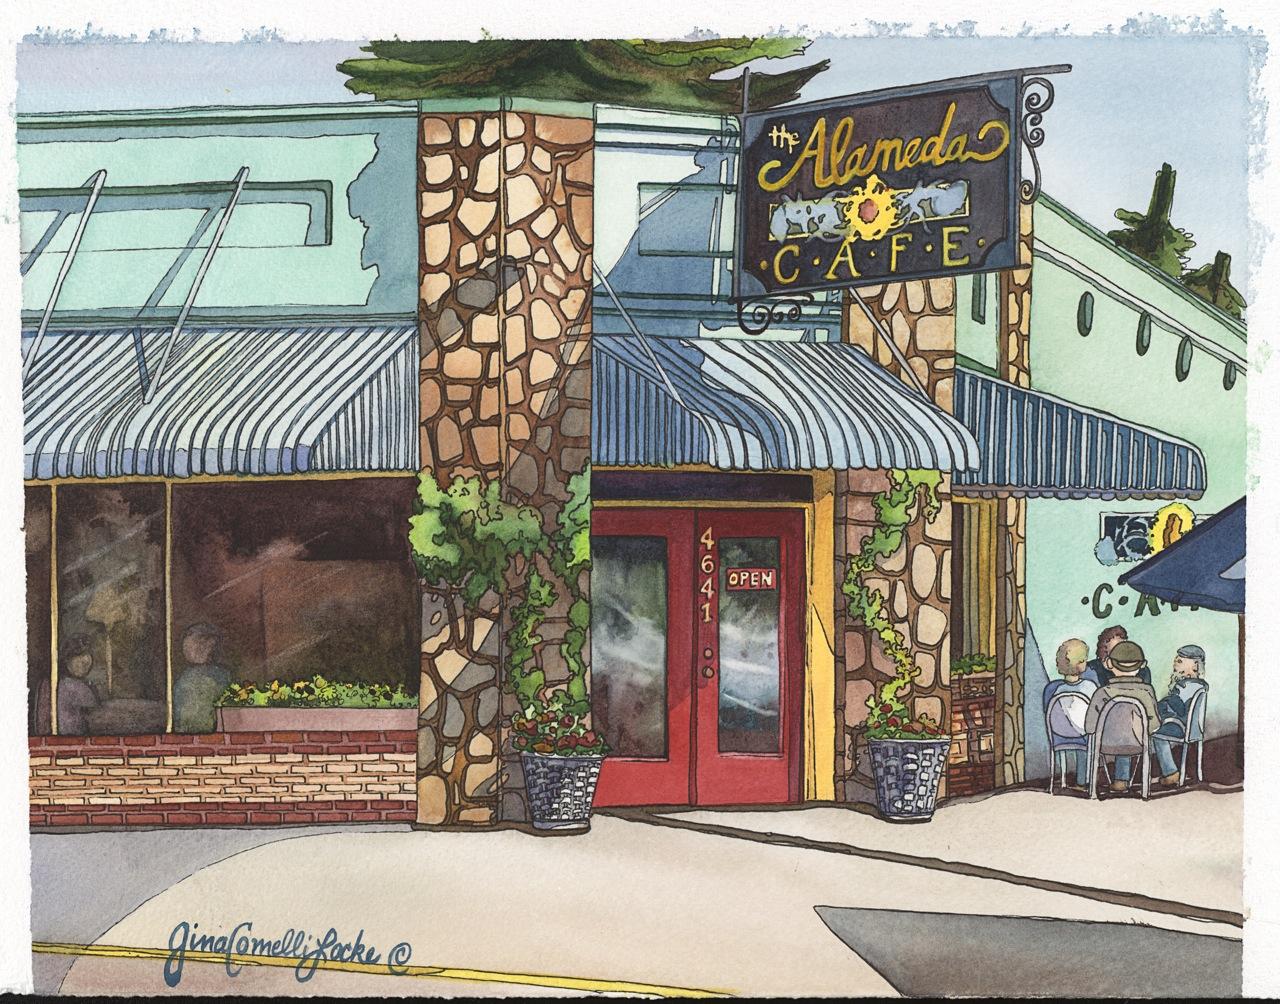 Alameda Cafe